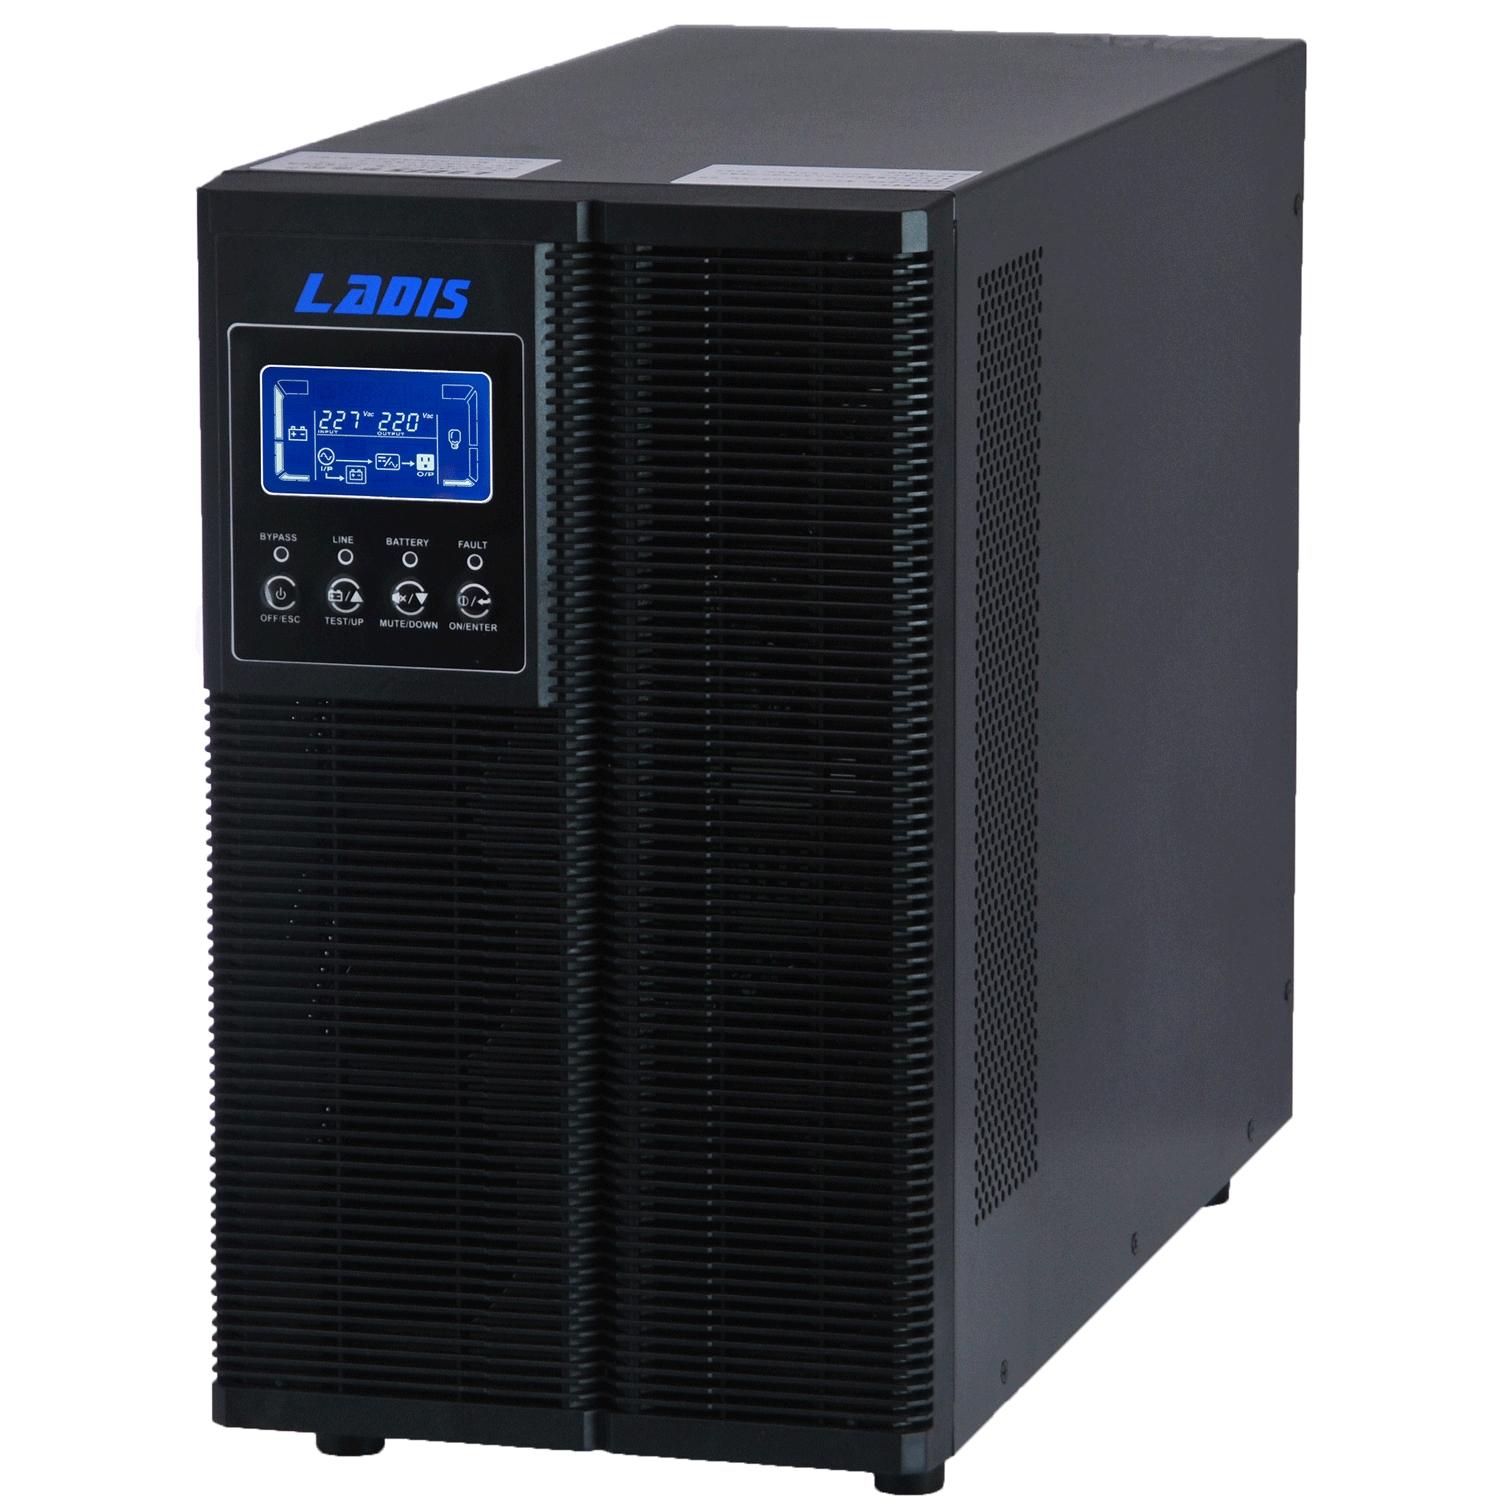 真正实现在线双转换 微处理器控制确保高可靠性 输入功率因素校正 输出功率因素可达0.8 宽市点输入范围(110V300V) 高效的变频转换模式 ECO 模式提供节能效果 液晶显示屏,所以运行参数一目了然 自带RS232/USB接口和电脑通讯,实现无人值守自动开关机 选配SNMP卡,实现远程智能控制